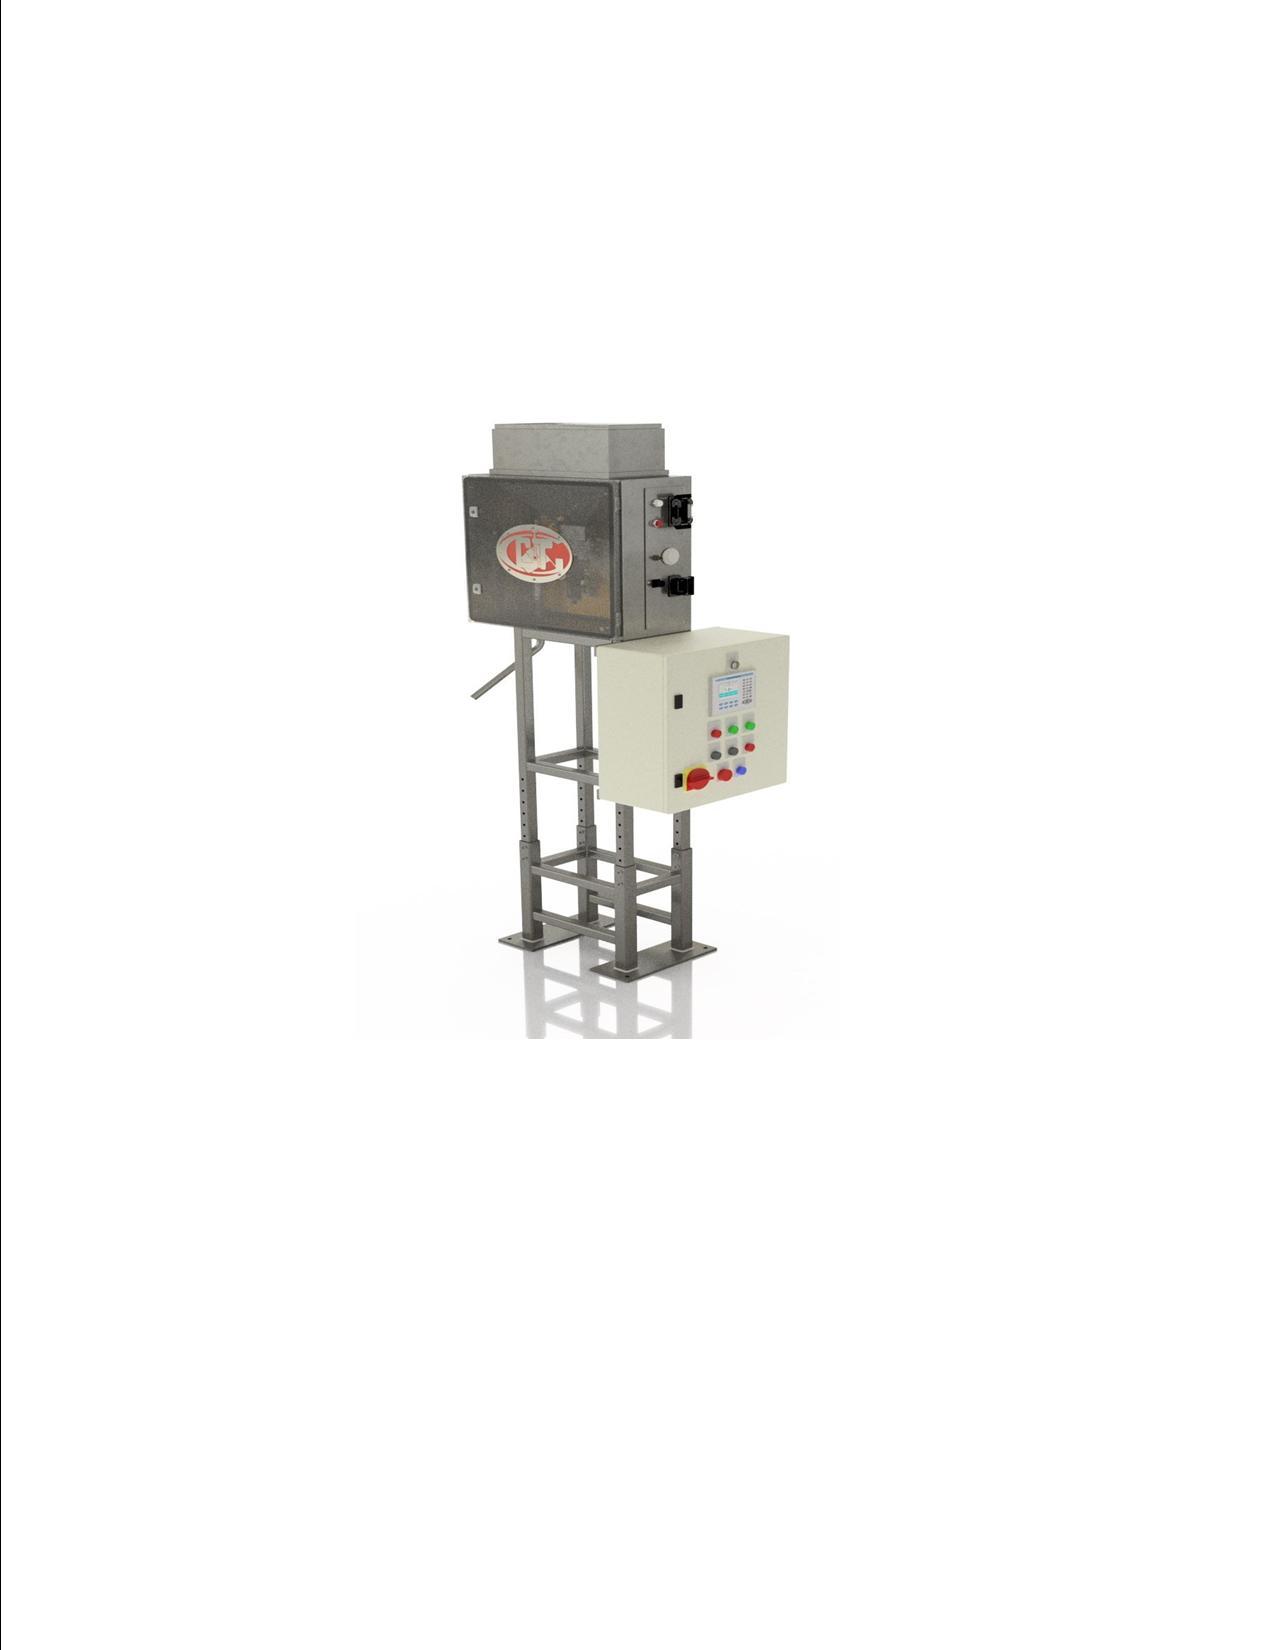 Centri Stream Inoculation Unit Flyer